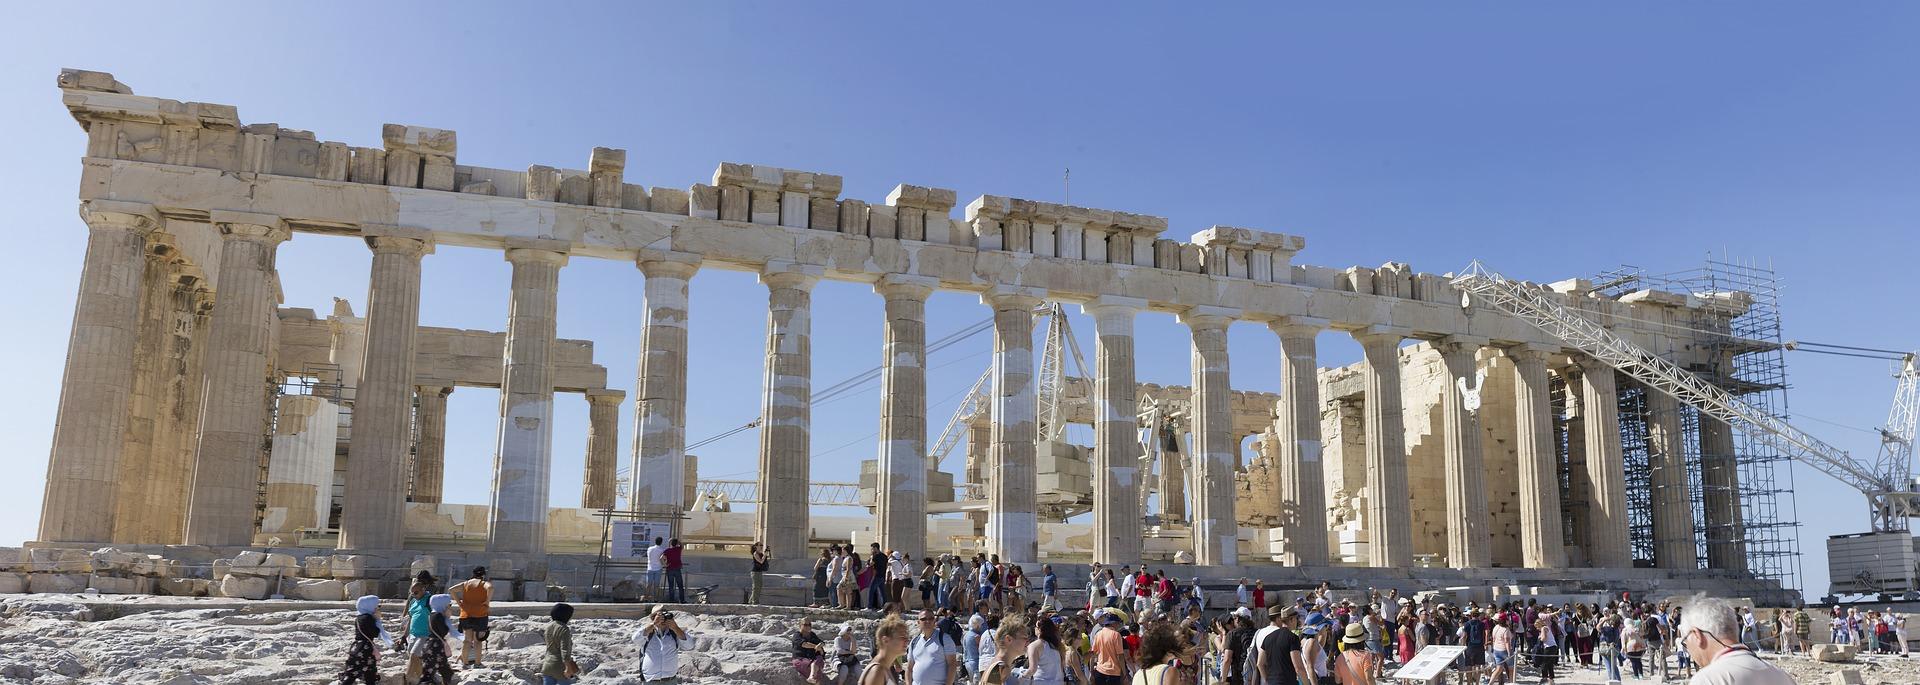 Athen og Korinth. UDSOLGT, 5 dage til Athen med udflugt til Gl. Korinth